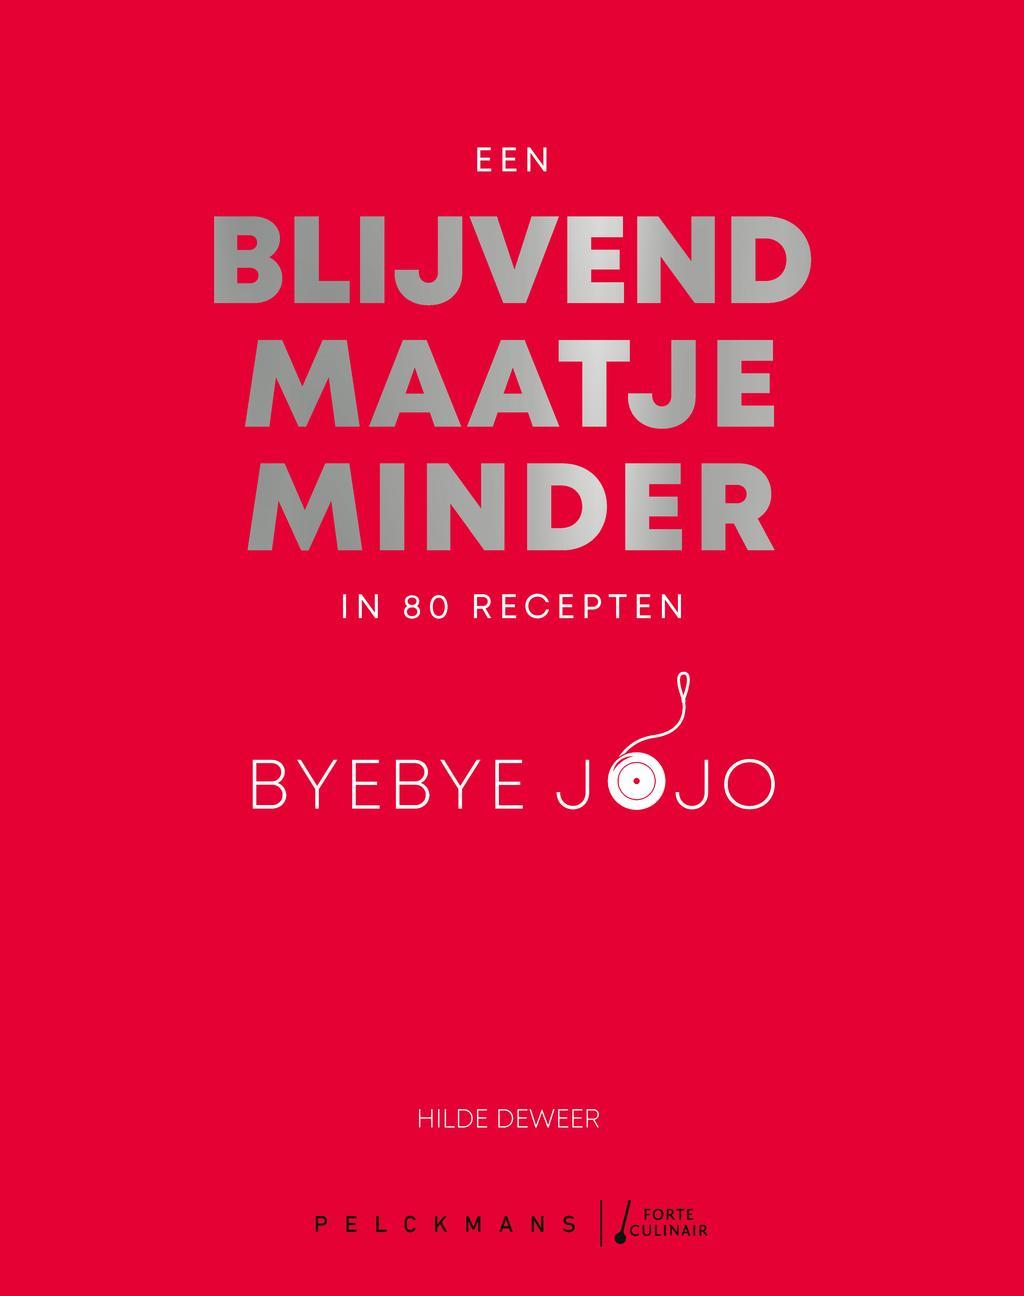 BMM-cover.jpg